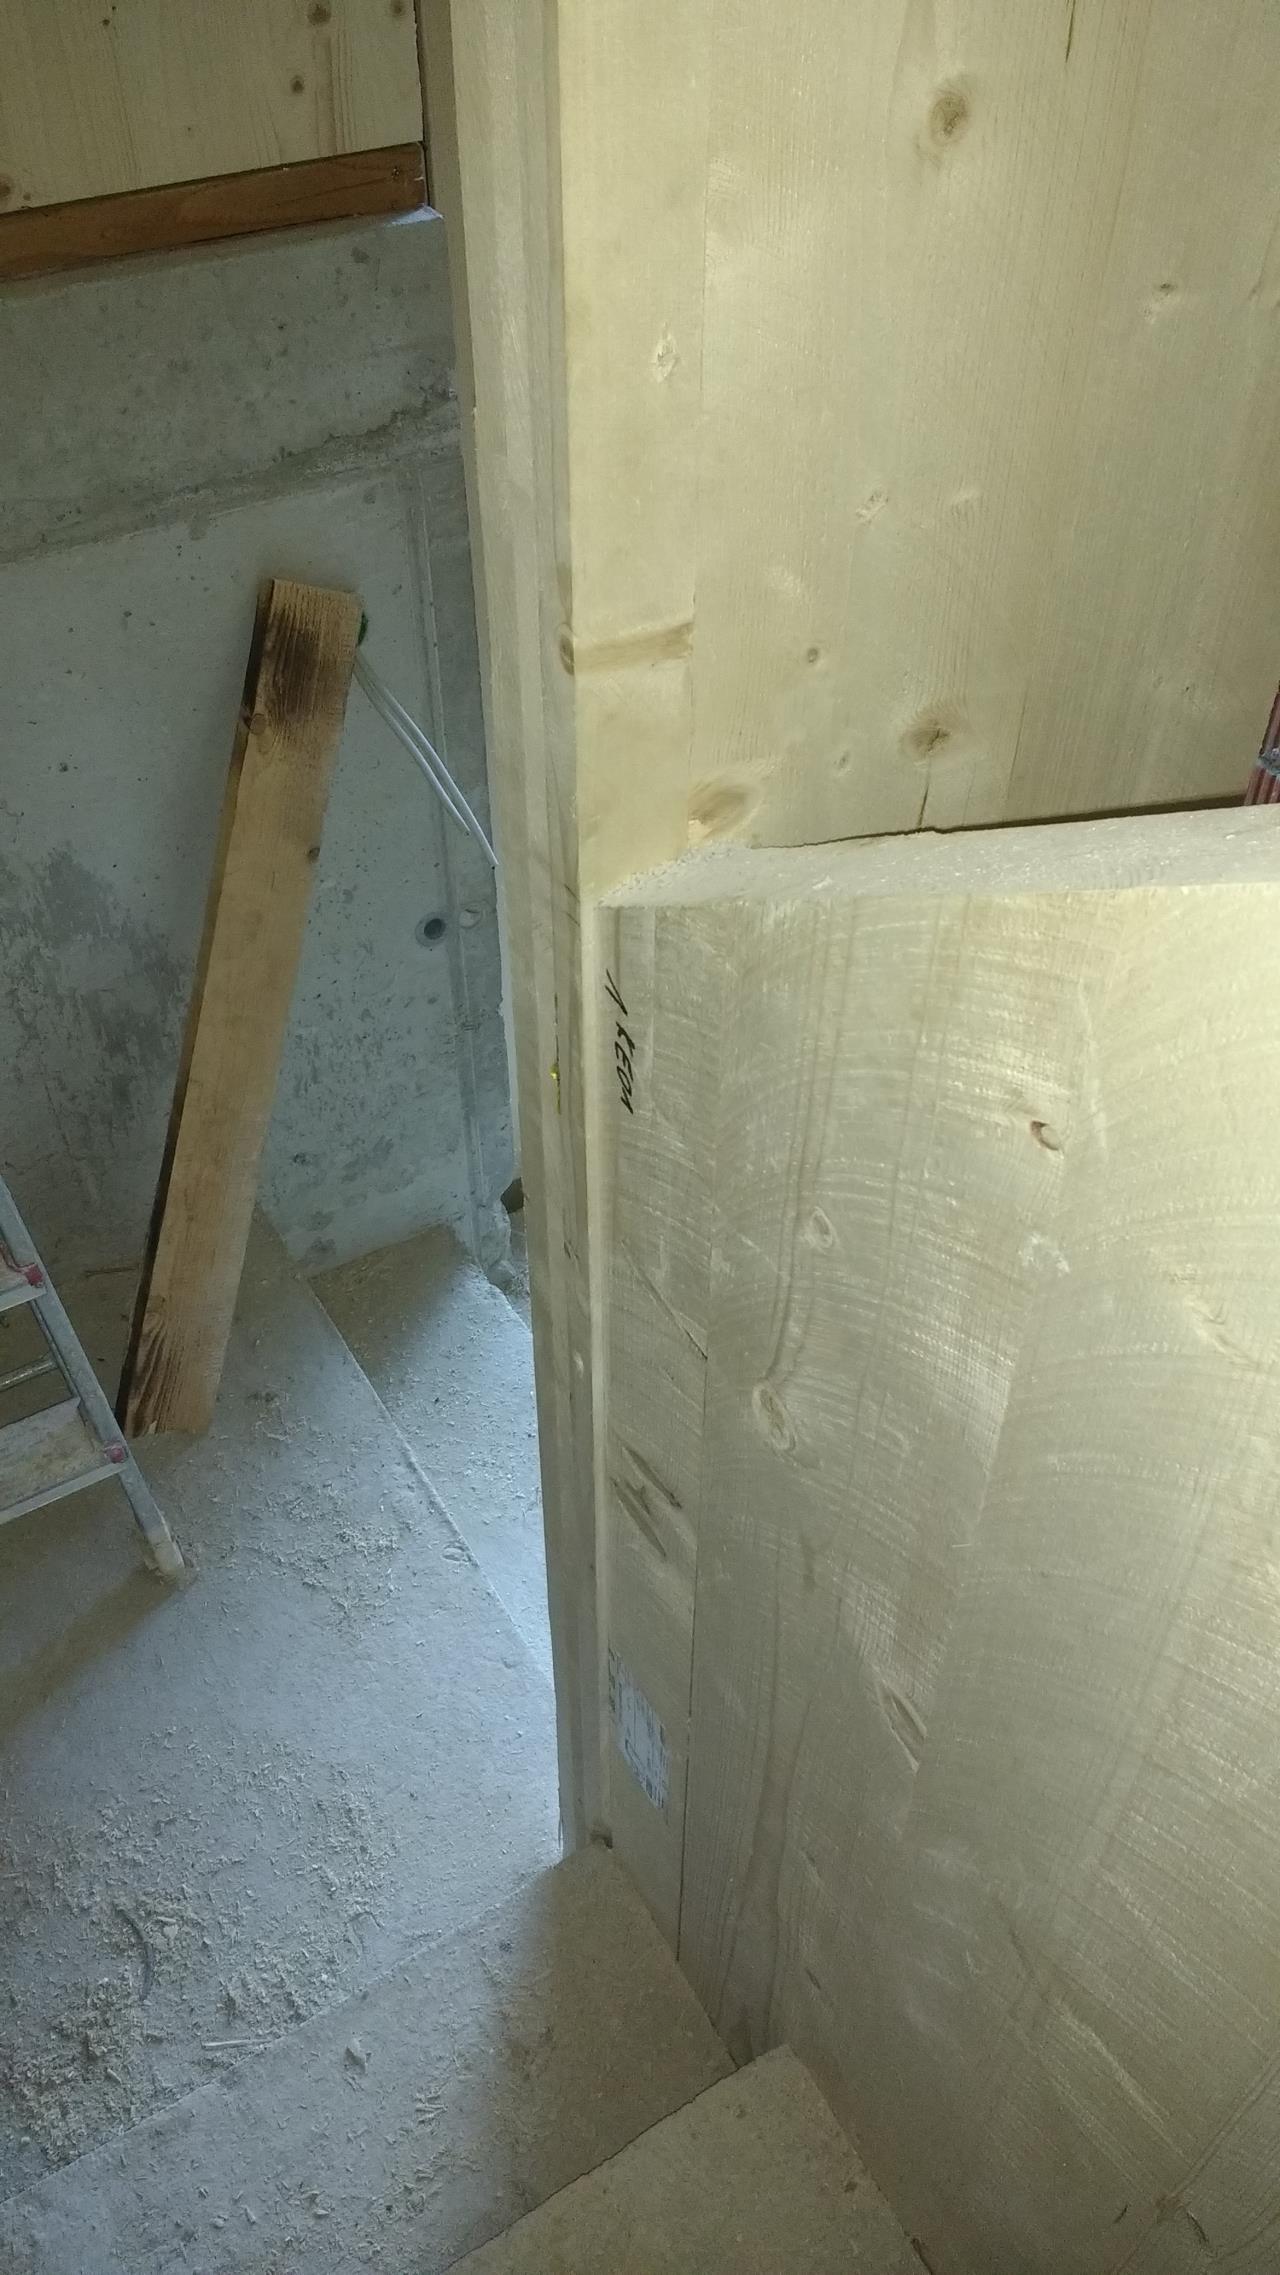 Super Übergang Holz - Ziegel. Knifflige Frage... | Bauforum auf UA65